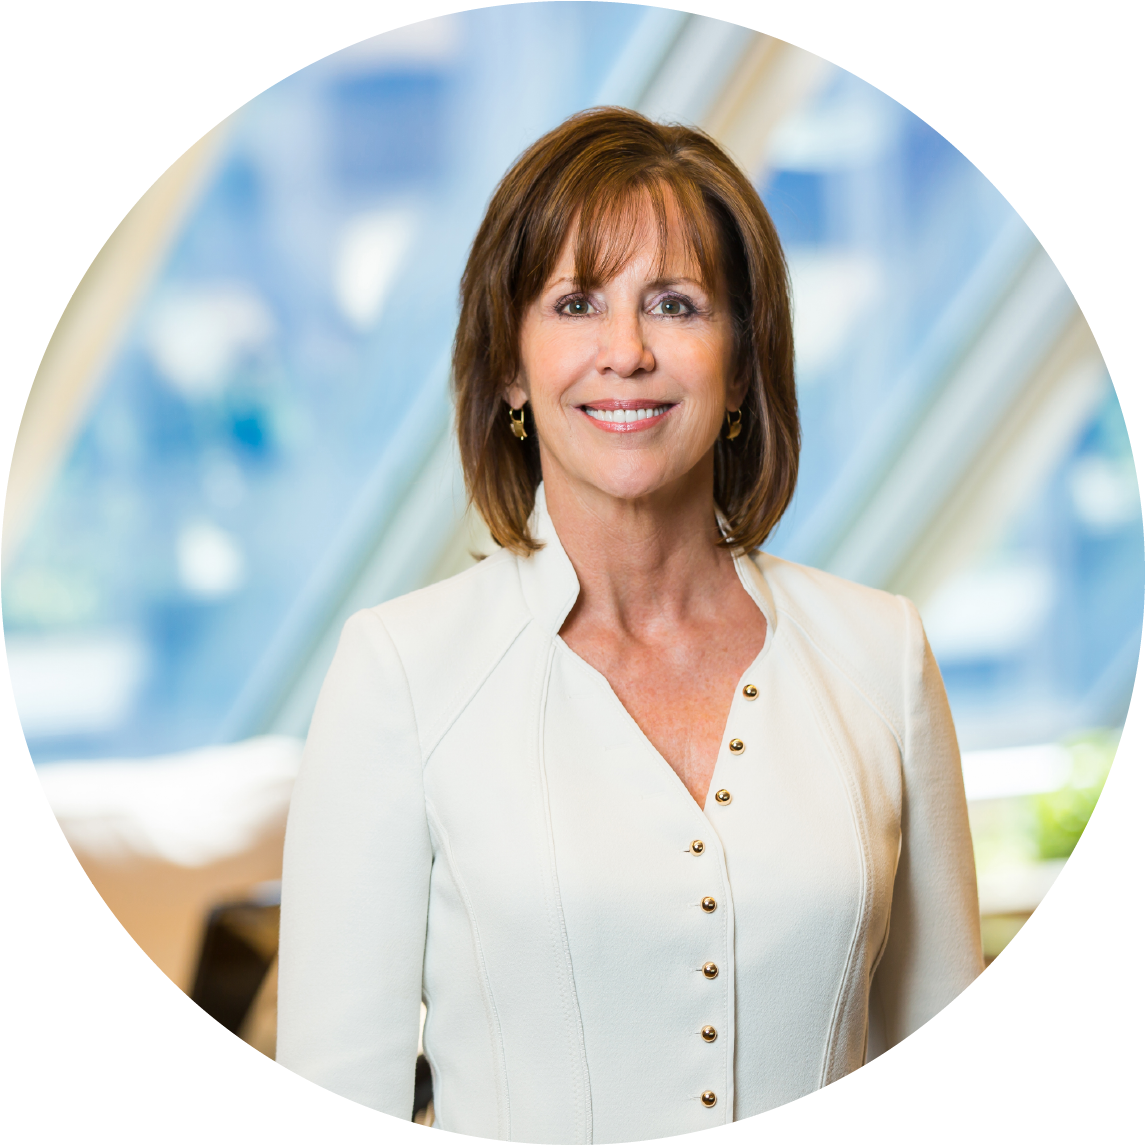 Jean Case, Speaker at Women Impact Tech